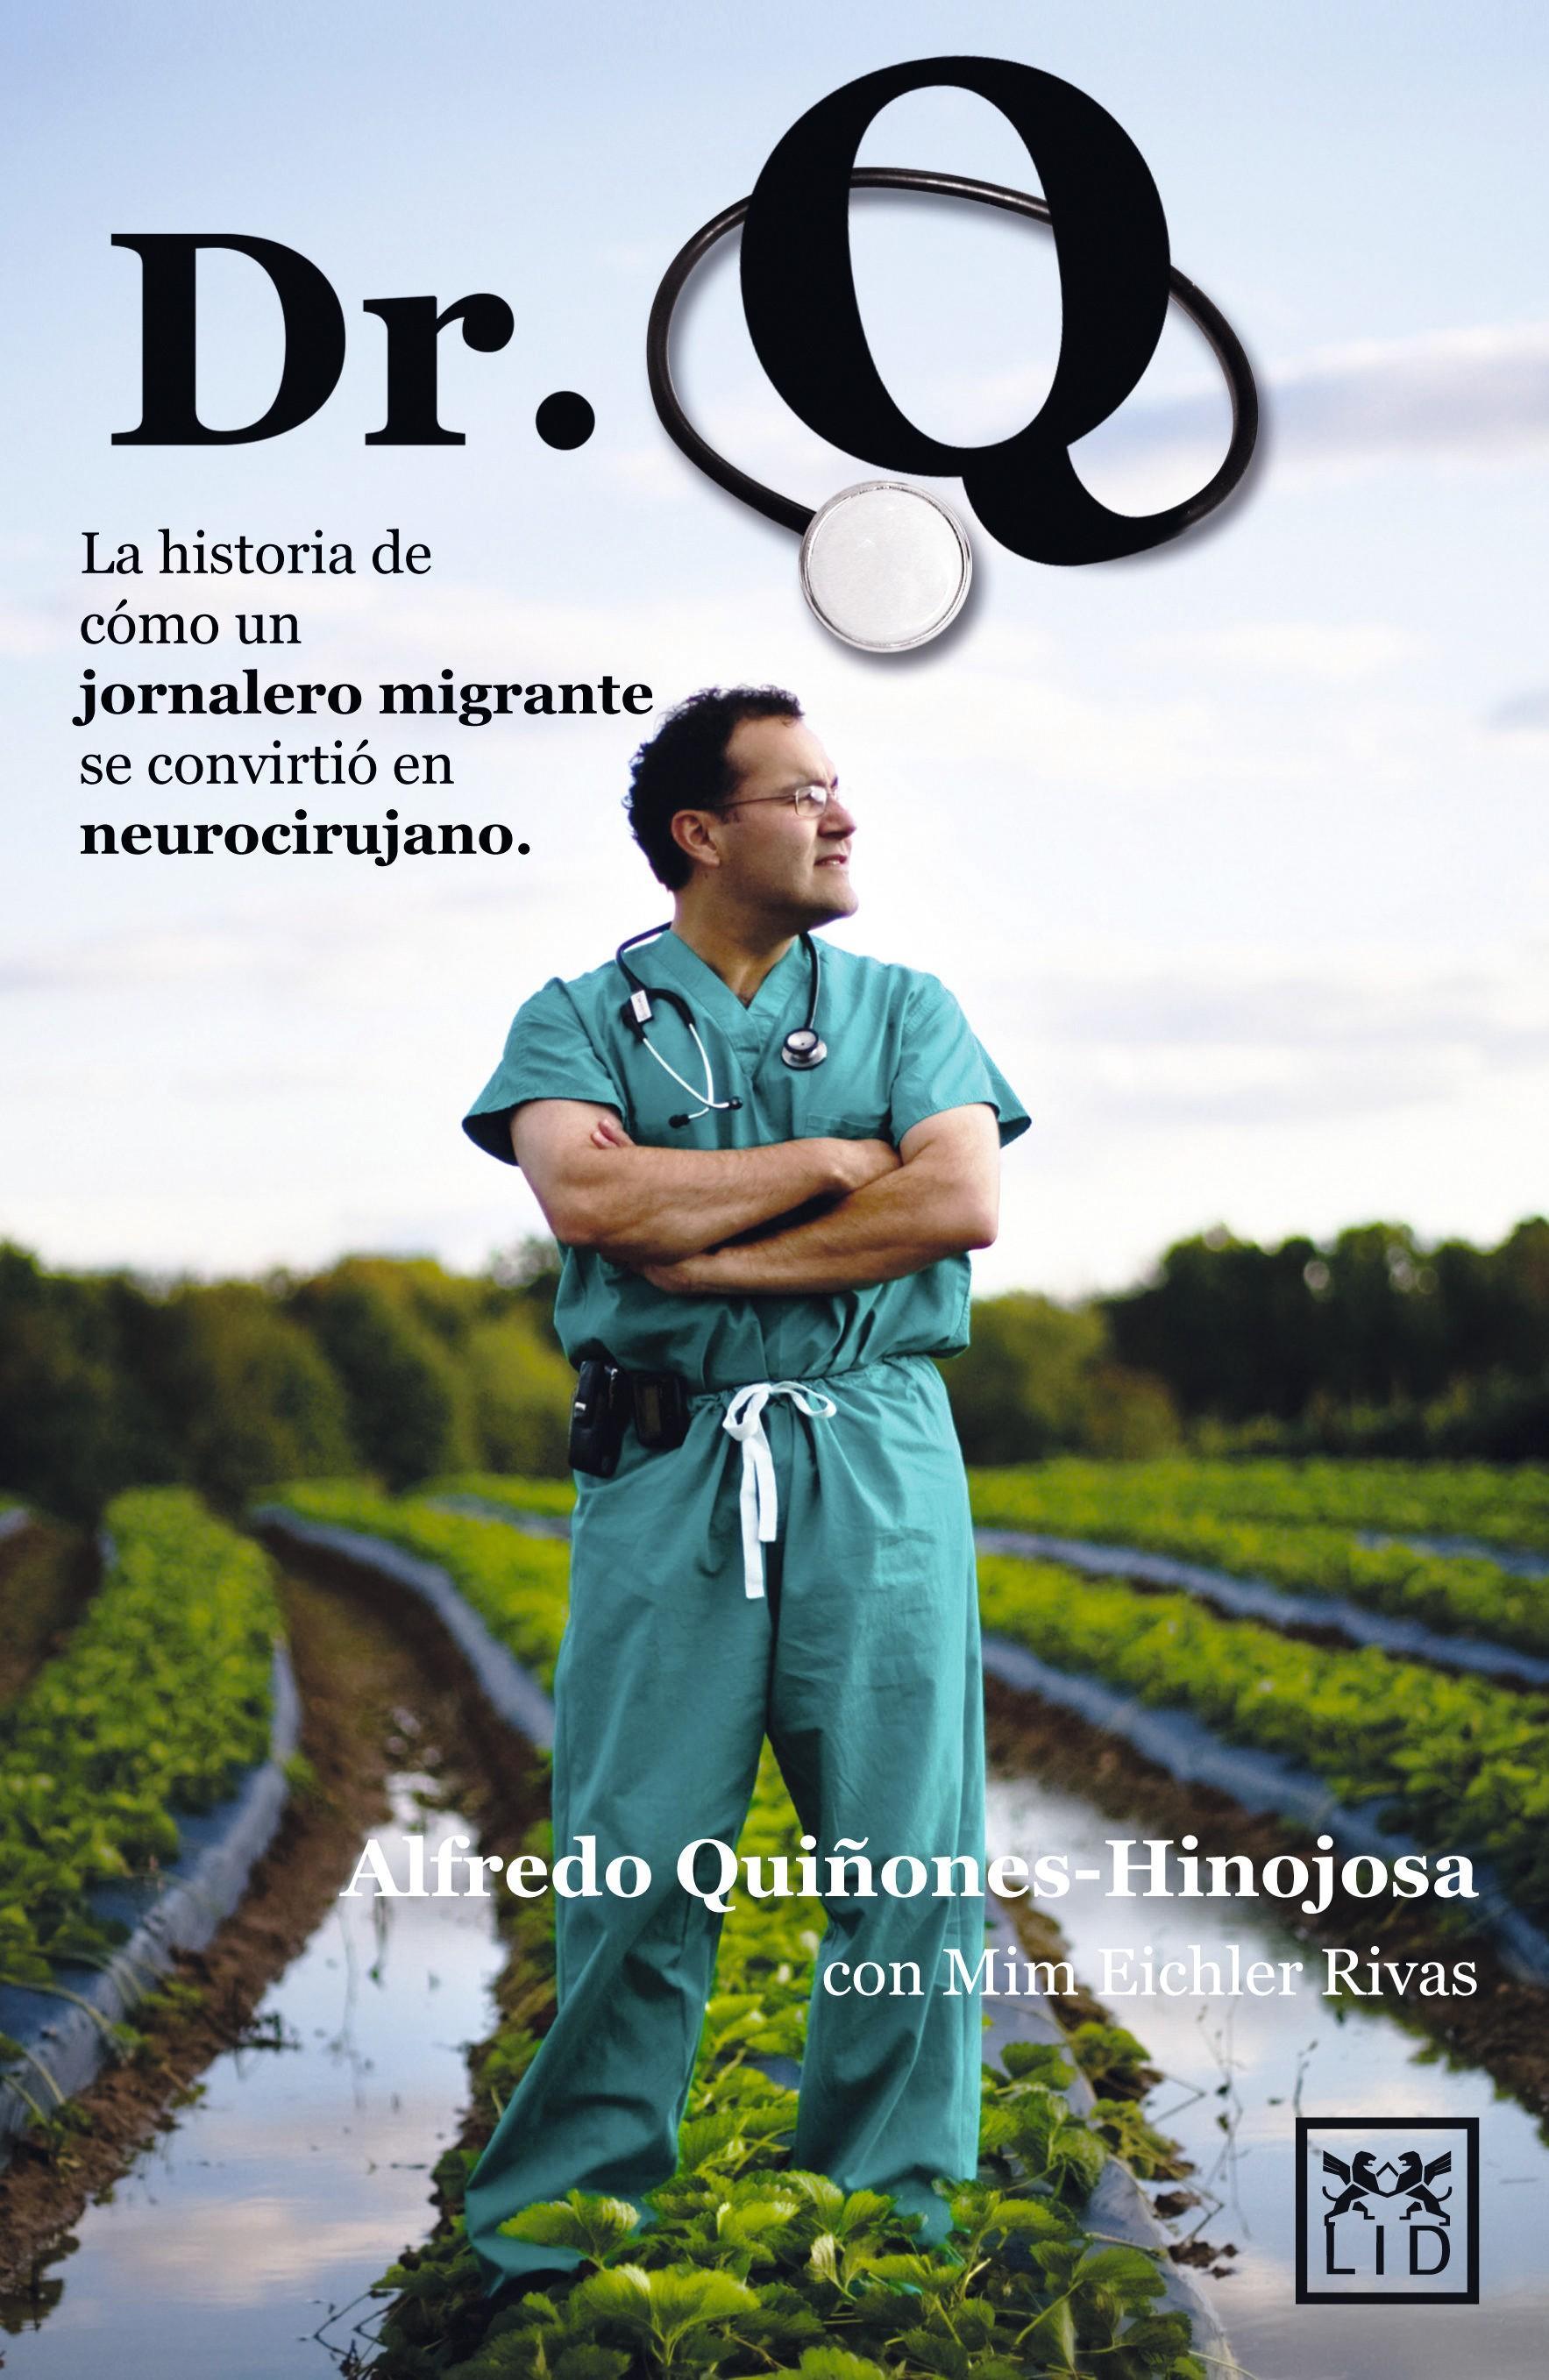 Alfredo Quiñones-Hinojosa, Dr. Q, la historia de cómo un jornalero migrante se convirtió en neurocirujano, 2013.